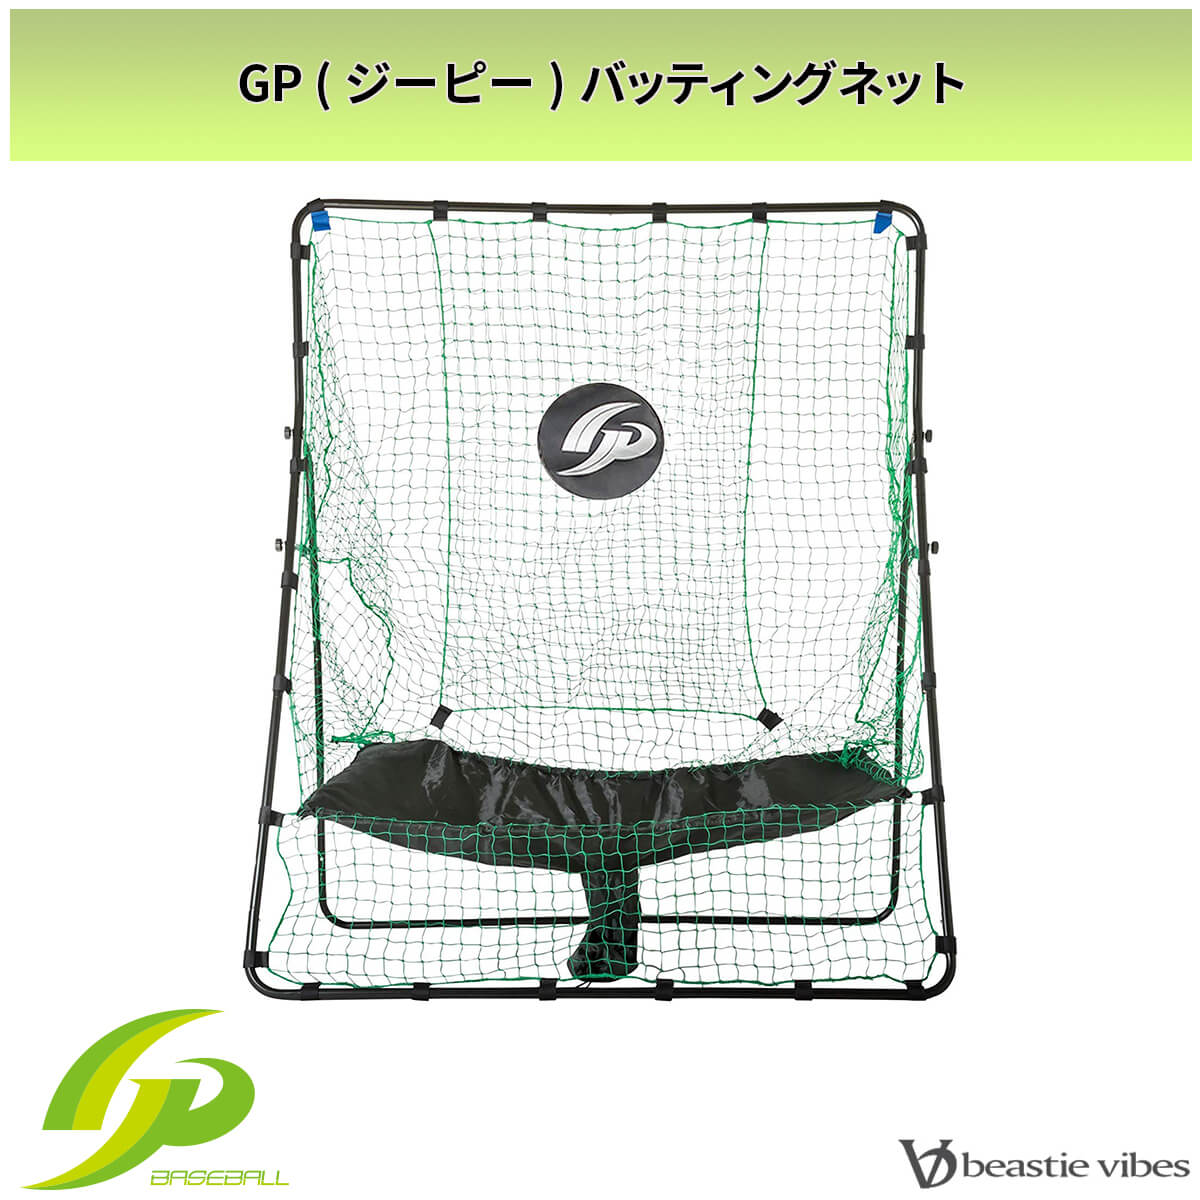 野球 バッティングネット 集球モデル 軟式野球・ソフトボール用 送料無料 縦200cm×横160cm GP ジーピー